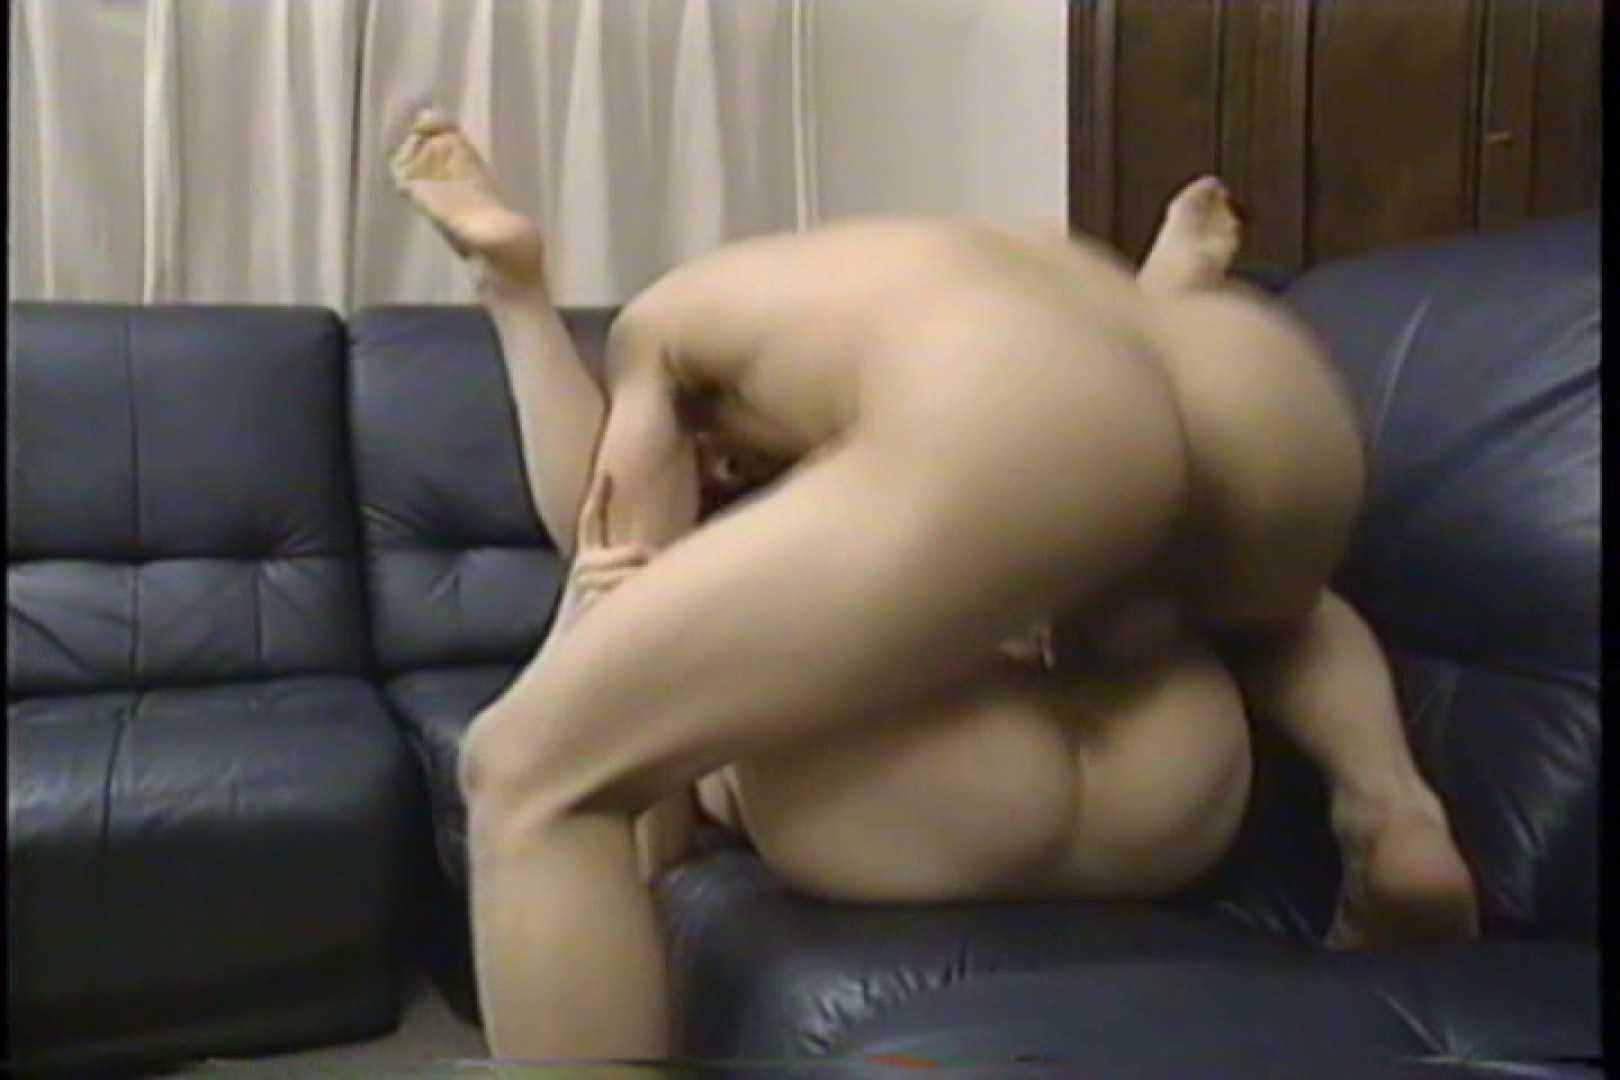 かわいい人妻、巨乳が疼いて止まらない~飯島れいか~ オナニー 性交動画流出 108連発 6